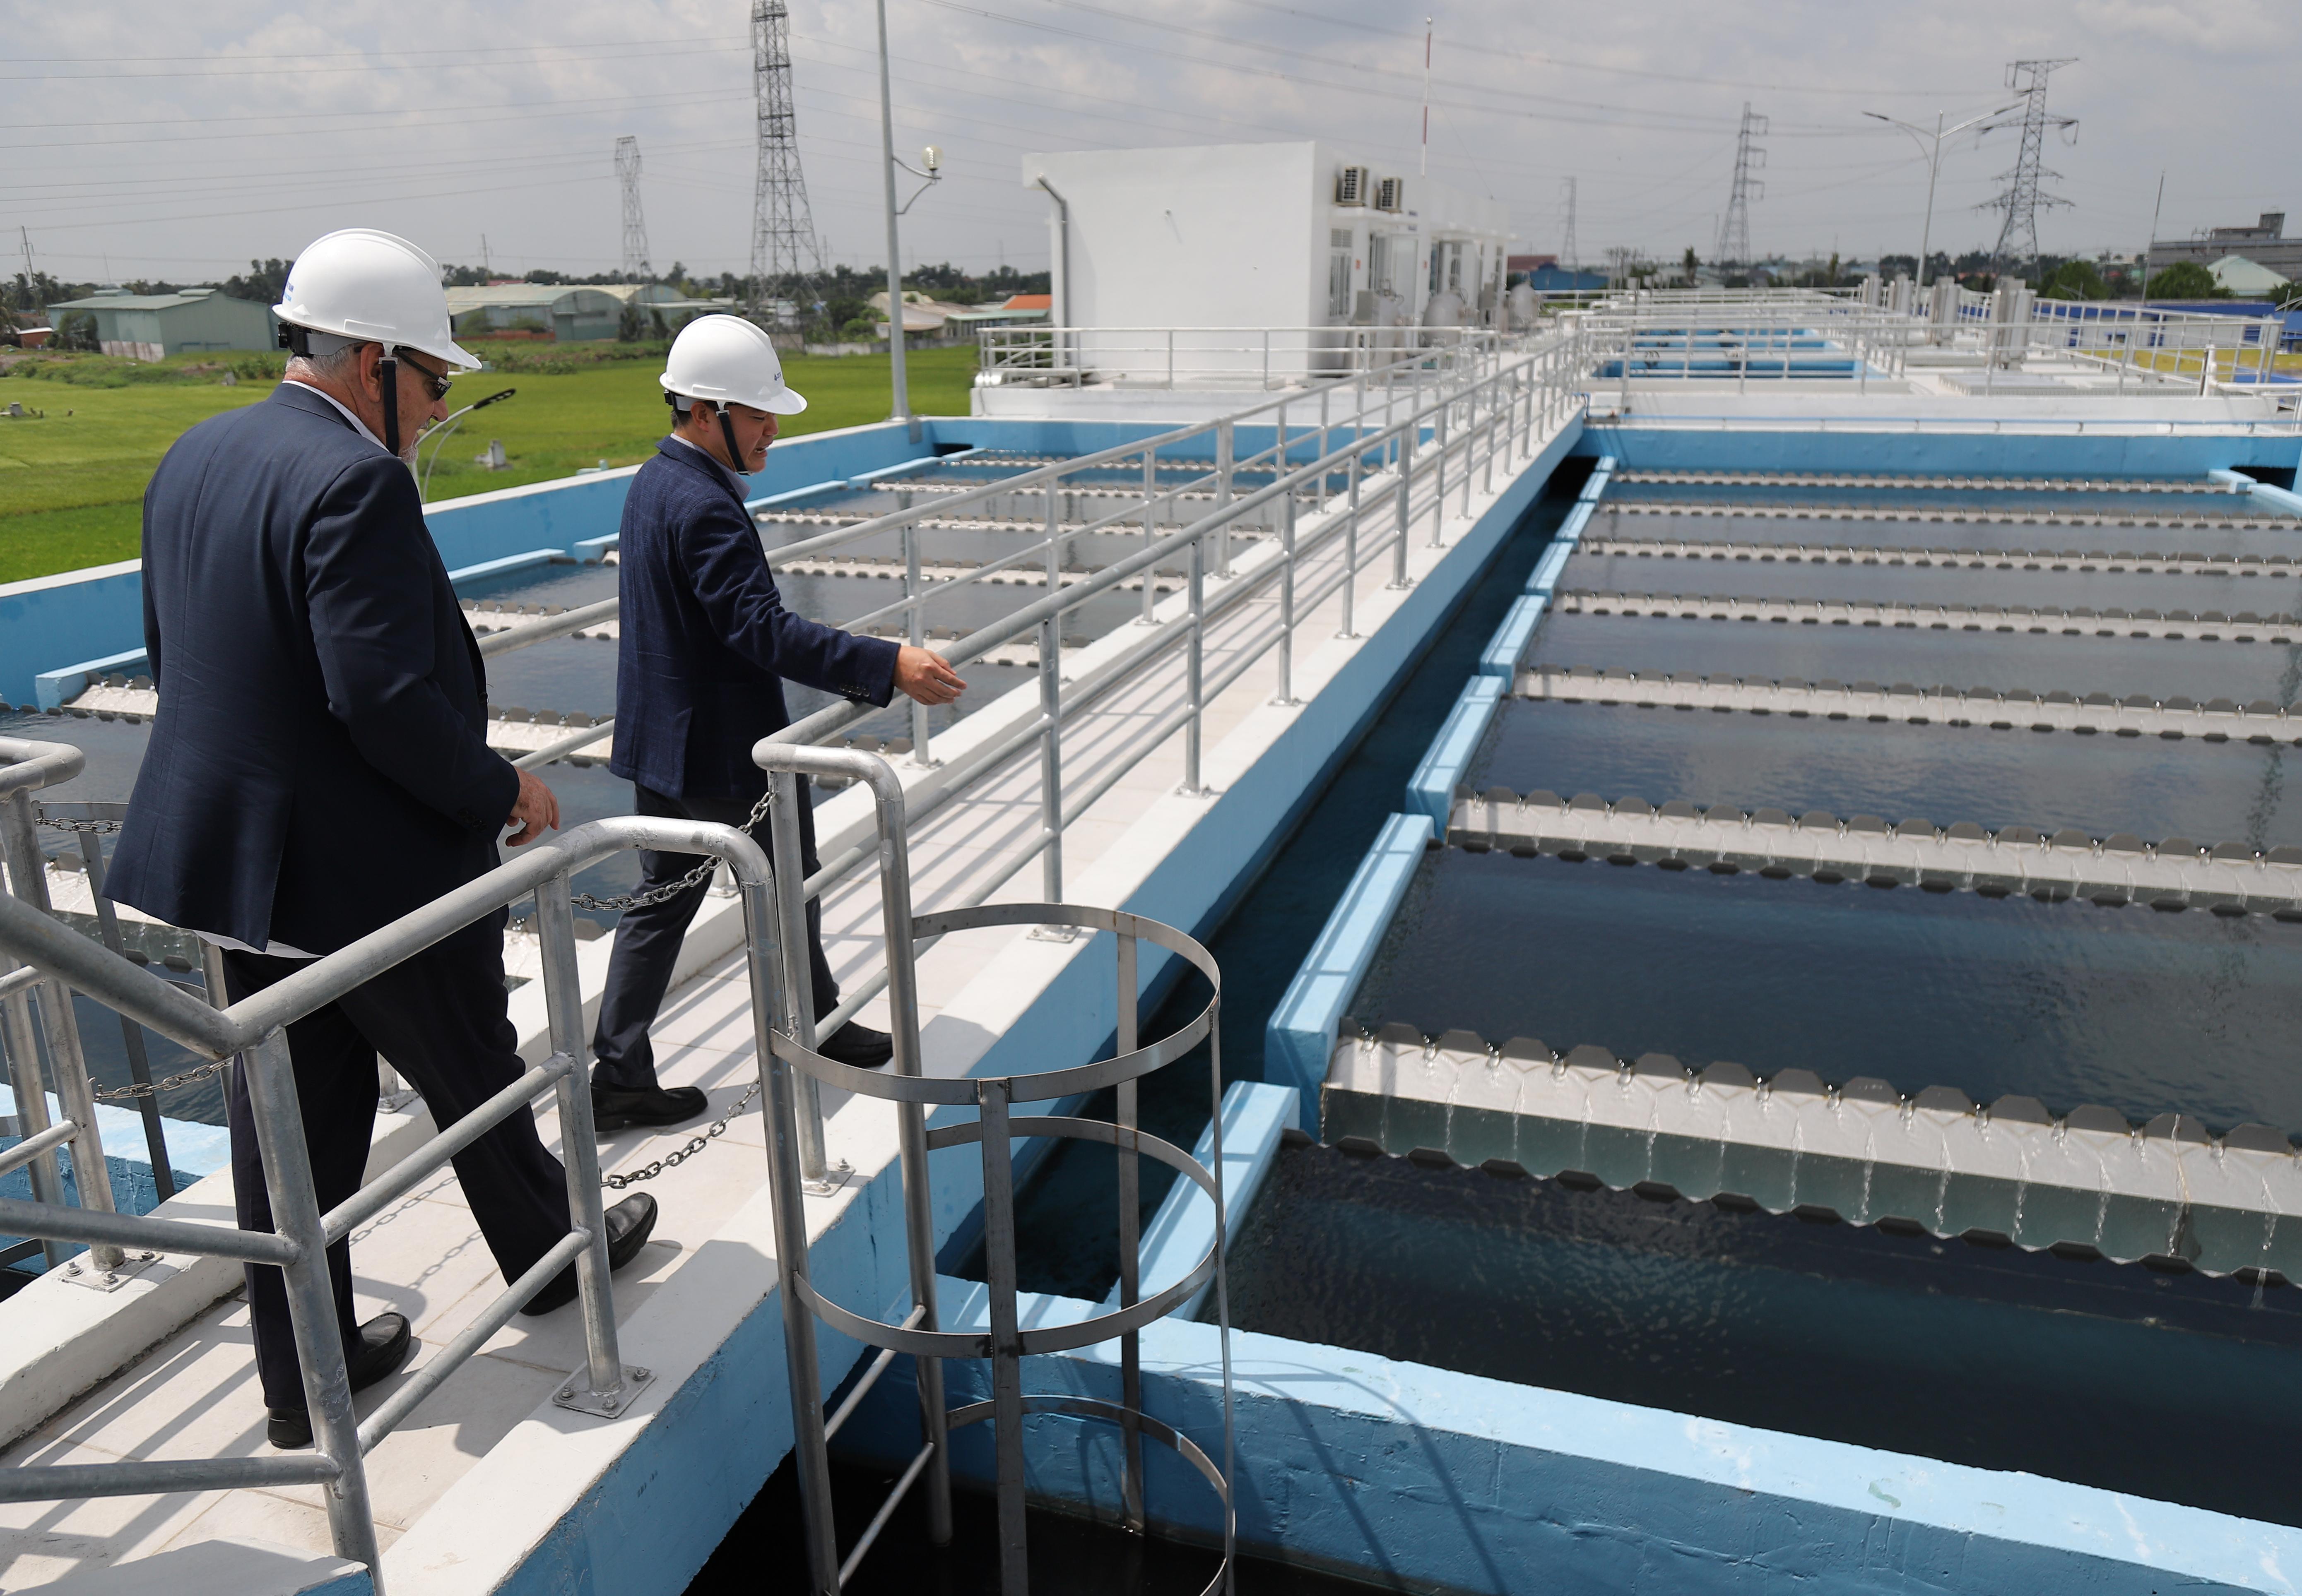 DNP Water kỳ vọng IFC tiếp tục đầu tư hỗ trợ xã hội hóa ngành nước tại Việt Nam